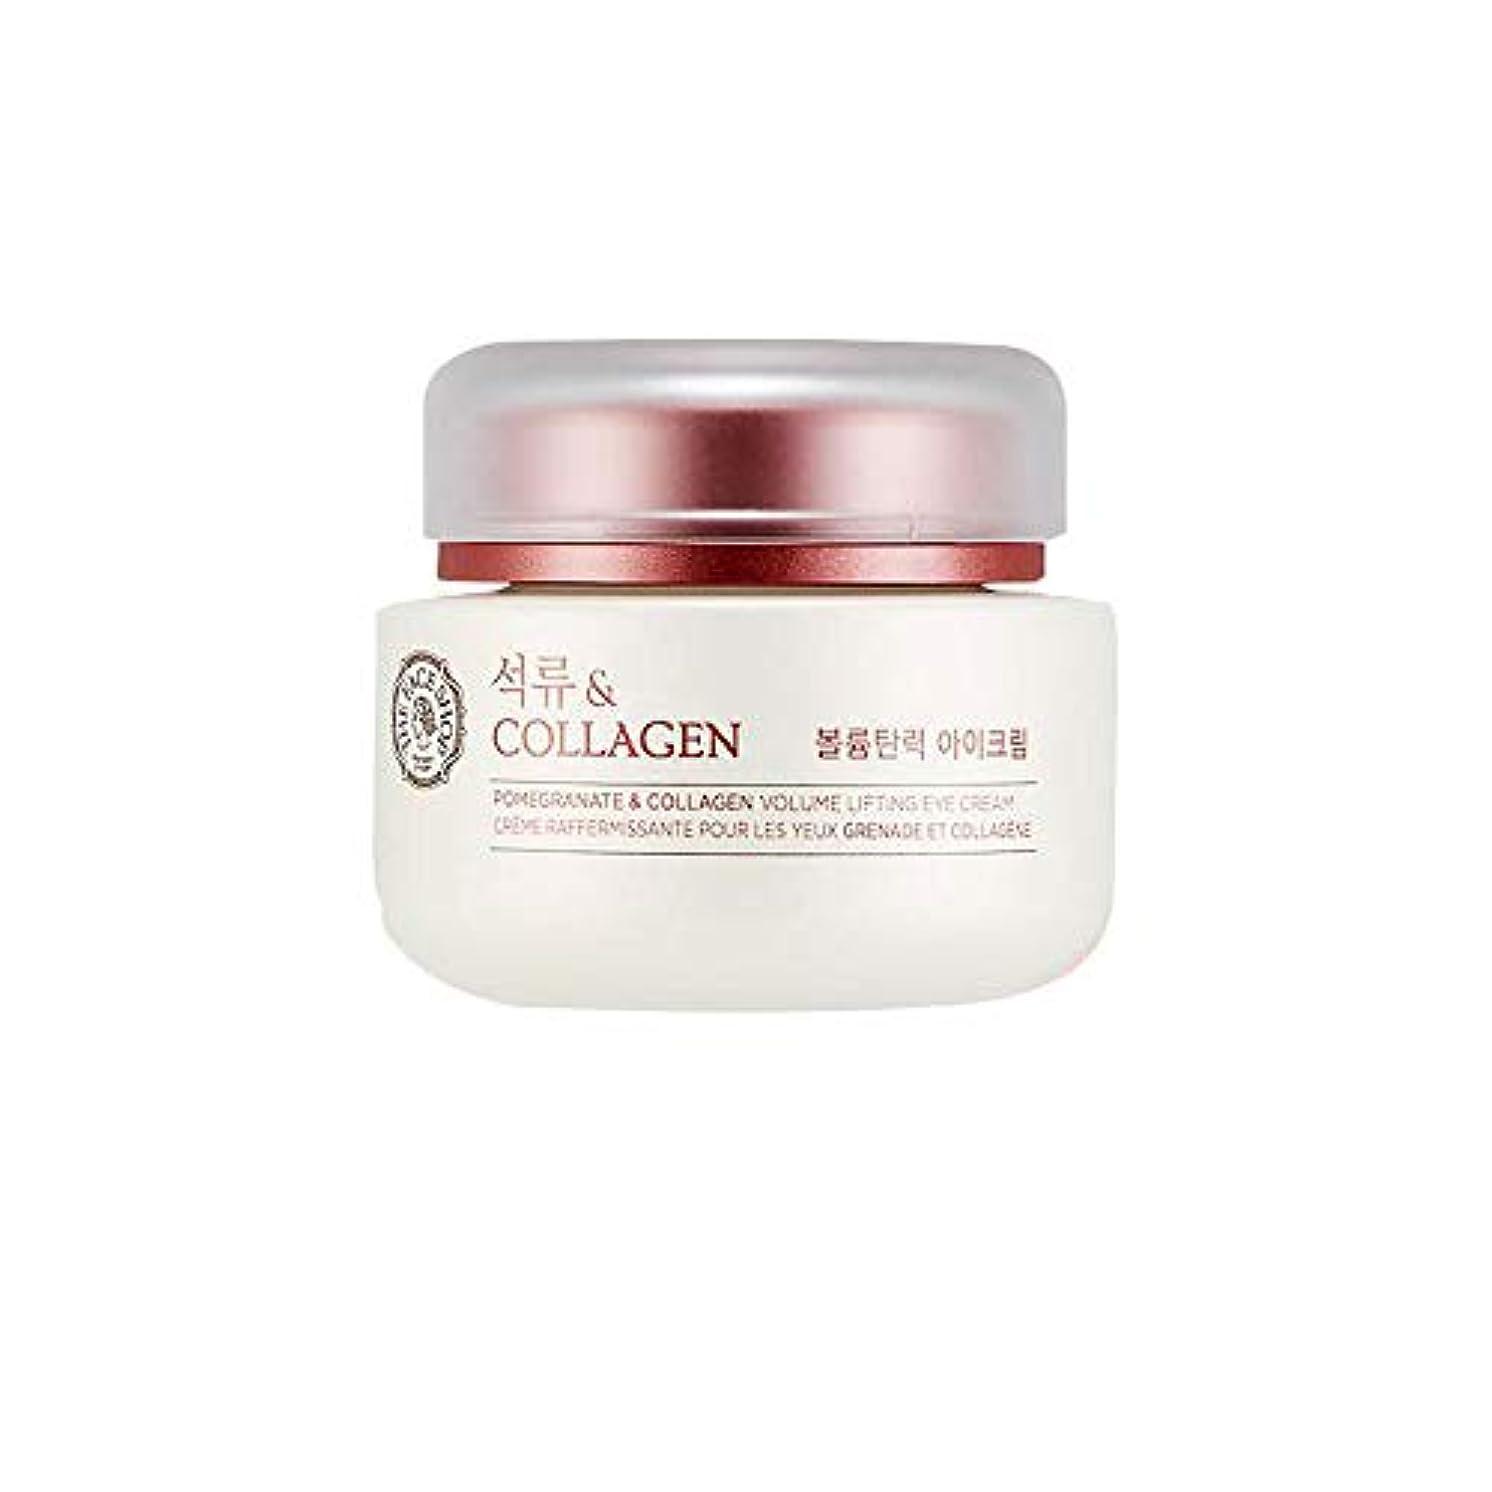 マーチャンダイジング会計化学者[ザ·フェイスショップ]The Face Shop ザクロアンドコラーゲン弾力アイクリーム(50ml) The Face Shop Pomegranate & Collagen Lifting Eye Cream(50ml...